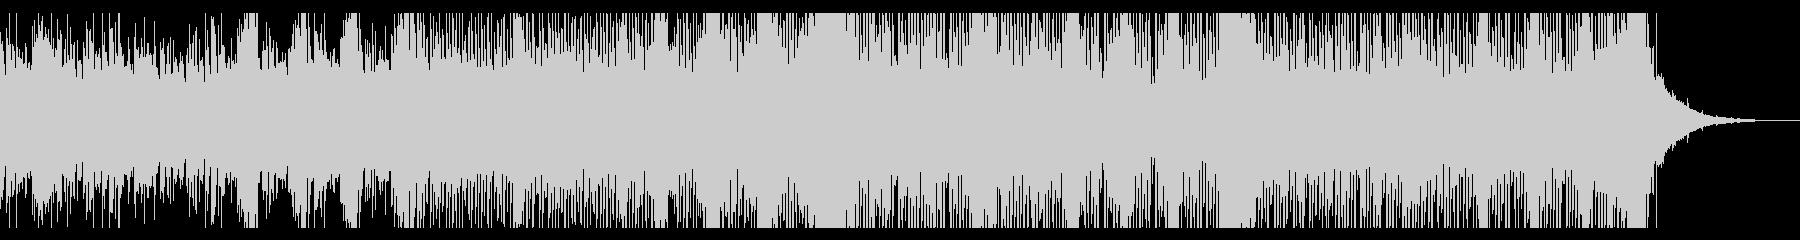 水のような音色のアンビエントIDMの未再生の波形